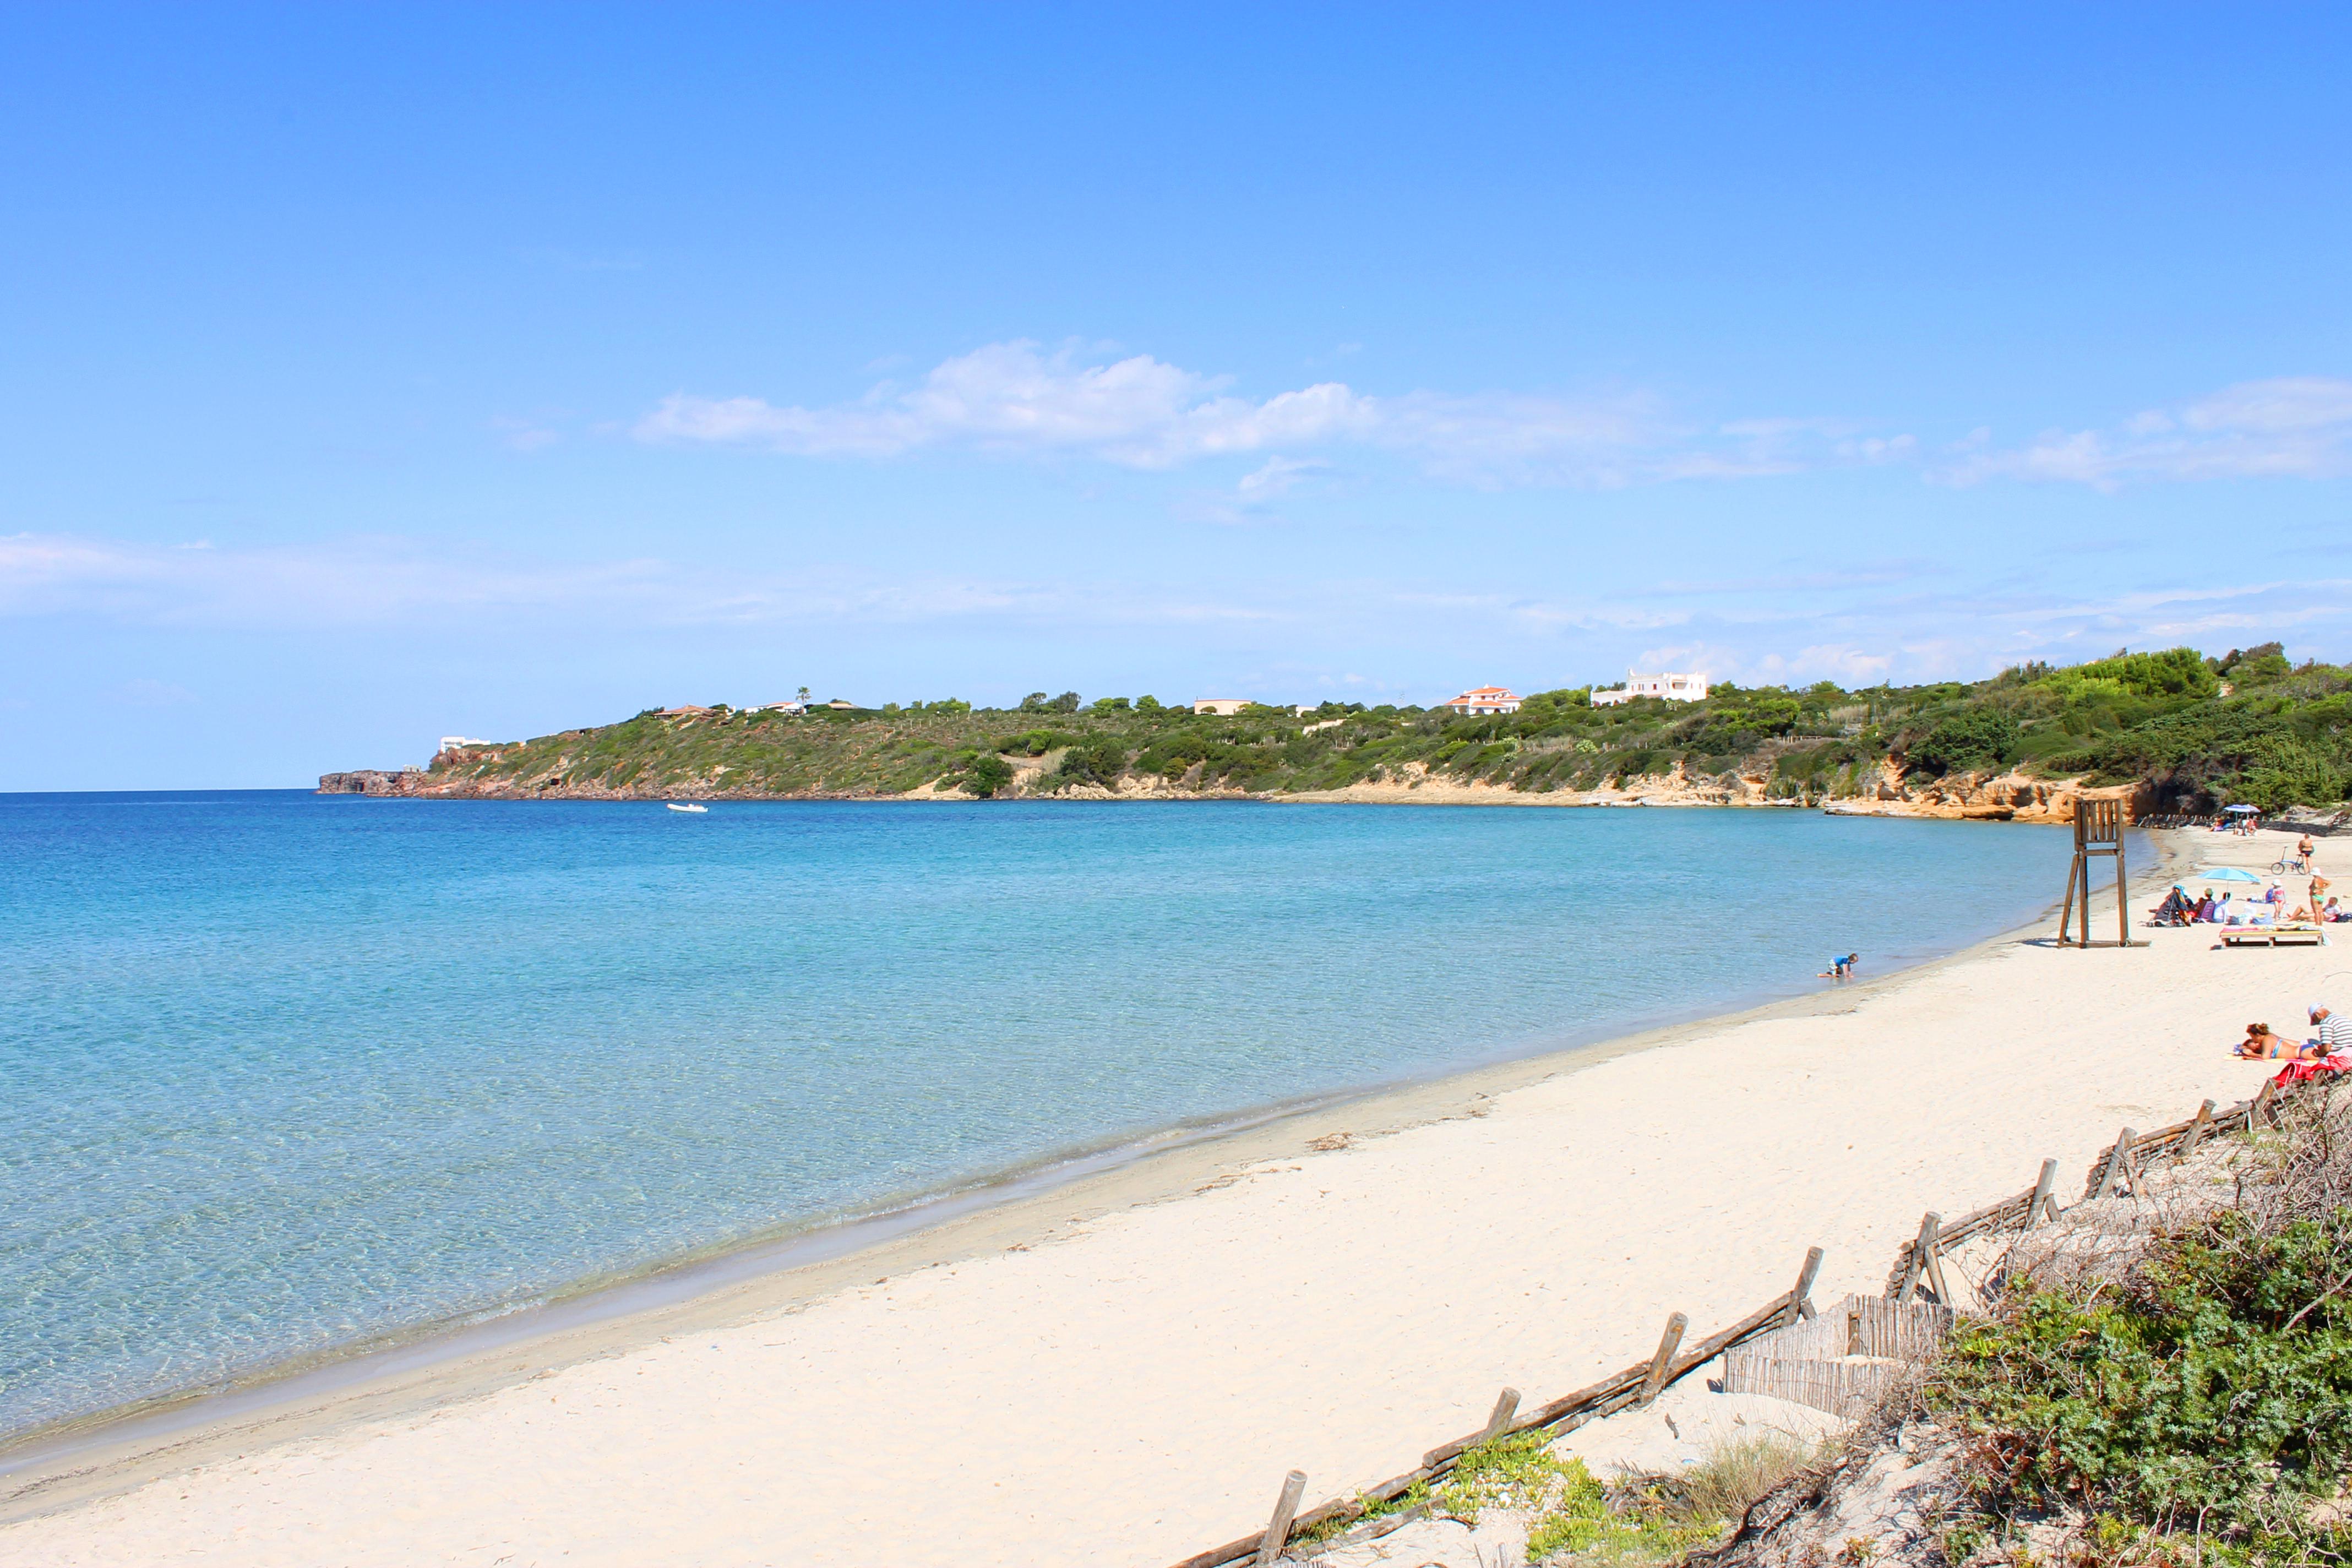 Le saline calasetta sardegna foto video e mappe sulle - Immagini da colorare la spiaggia ...